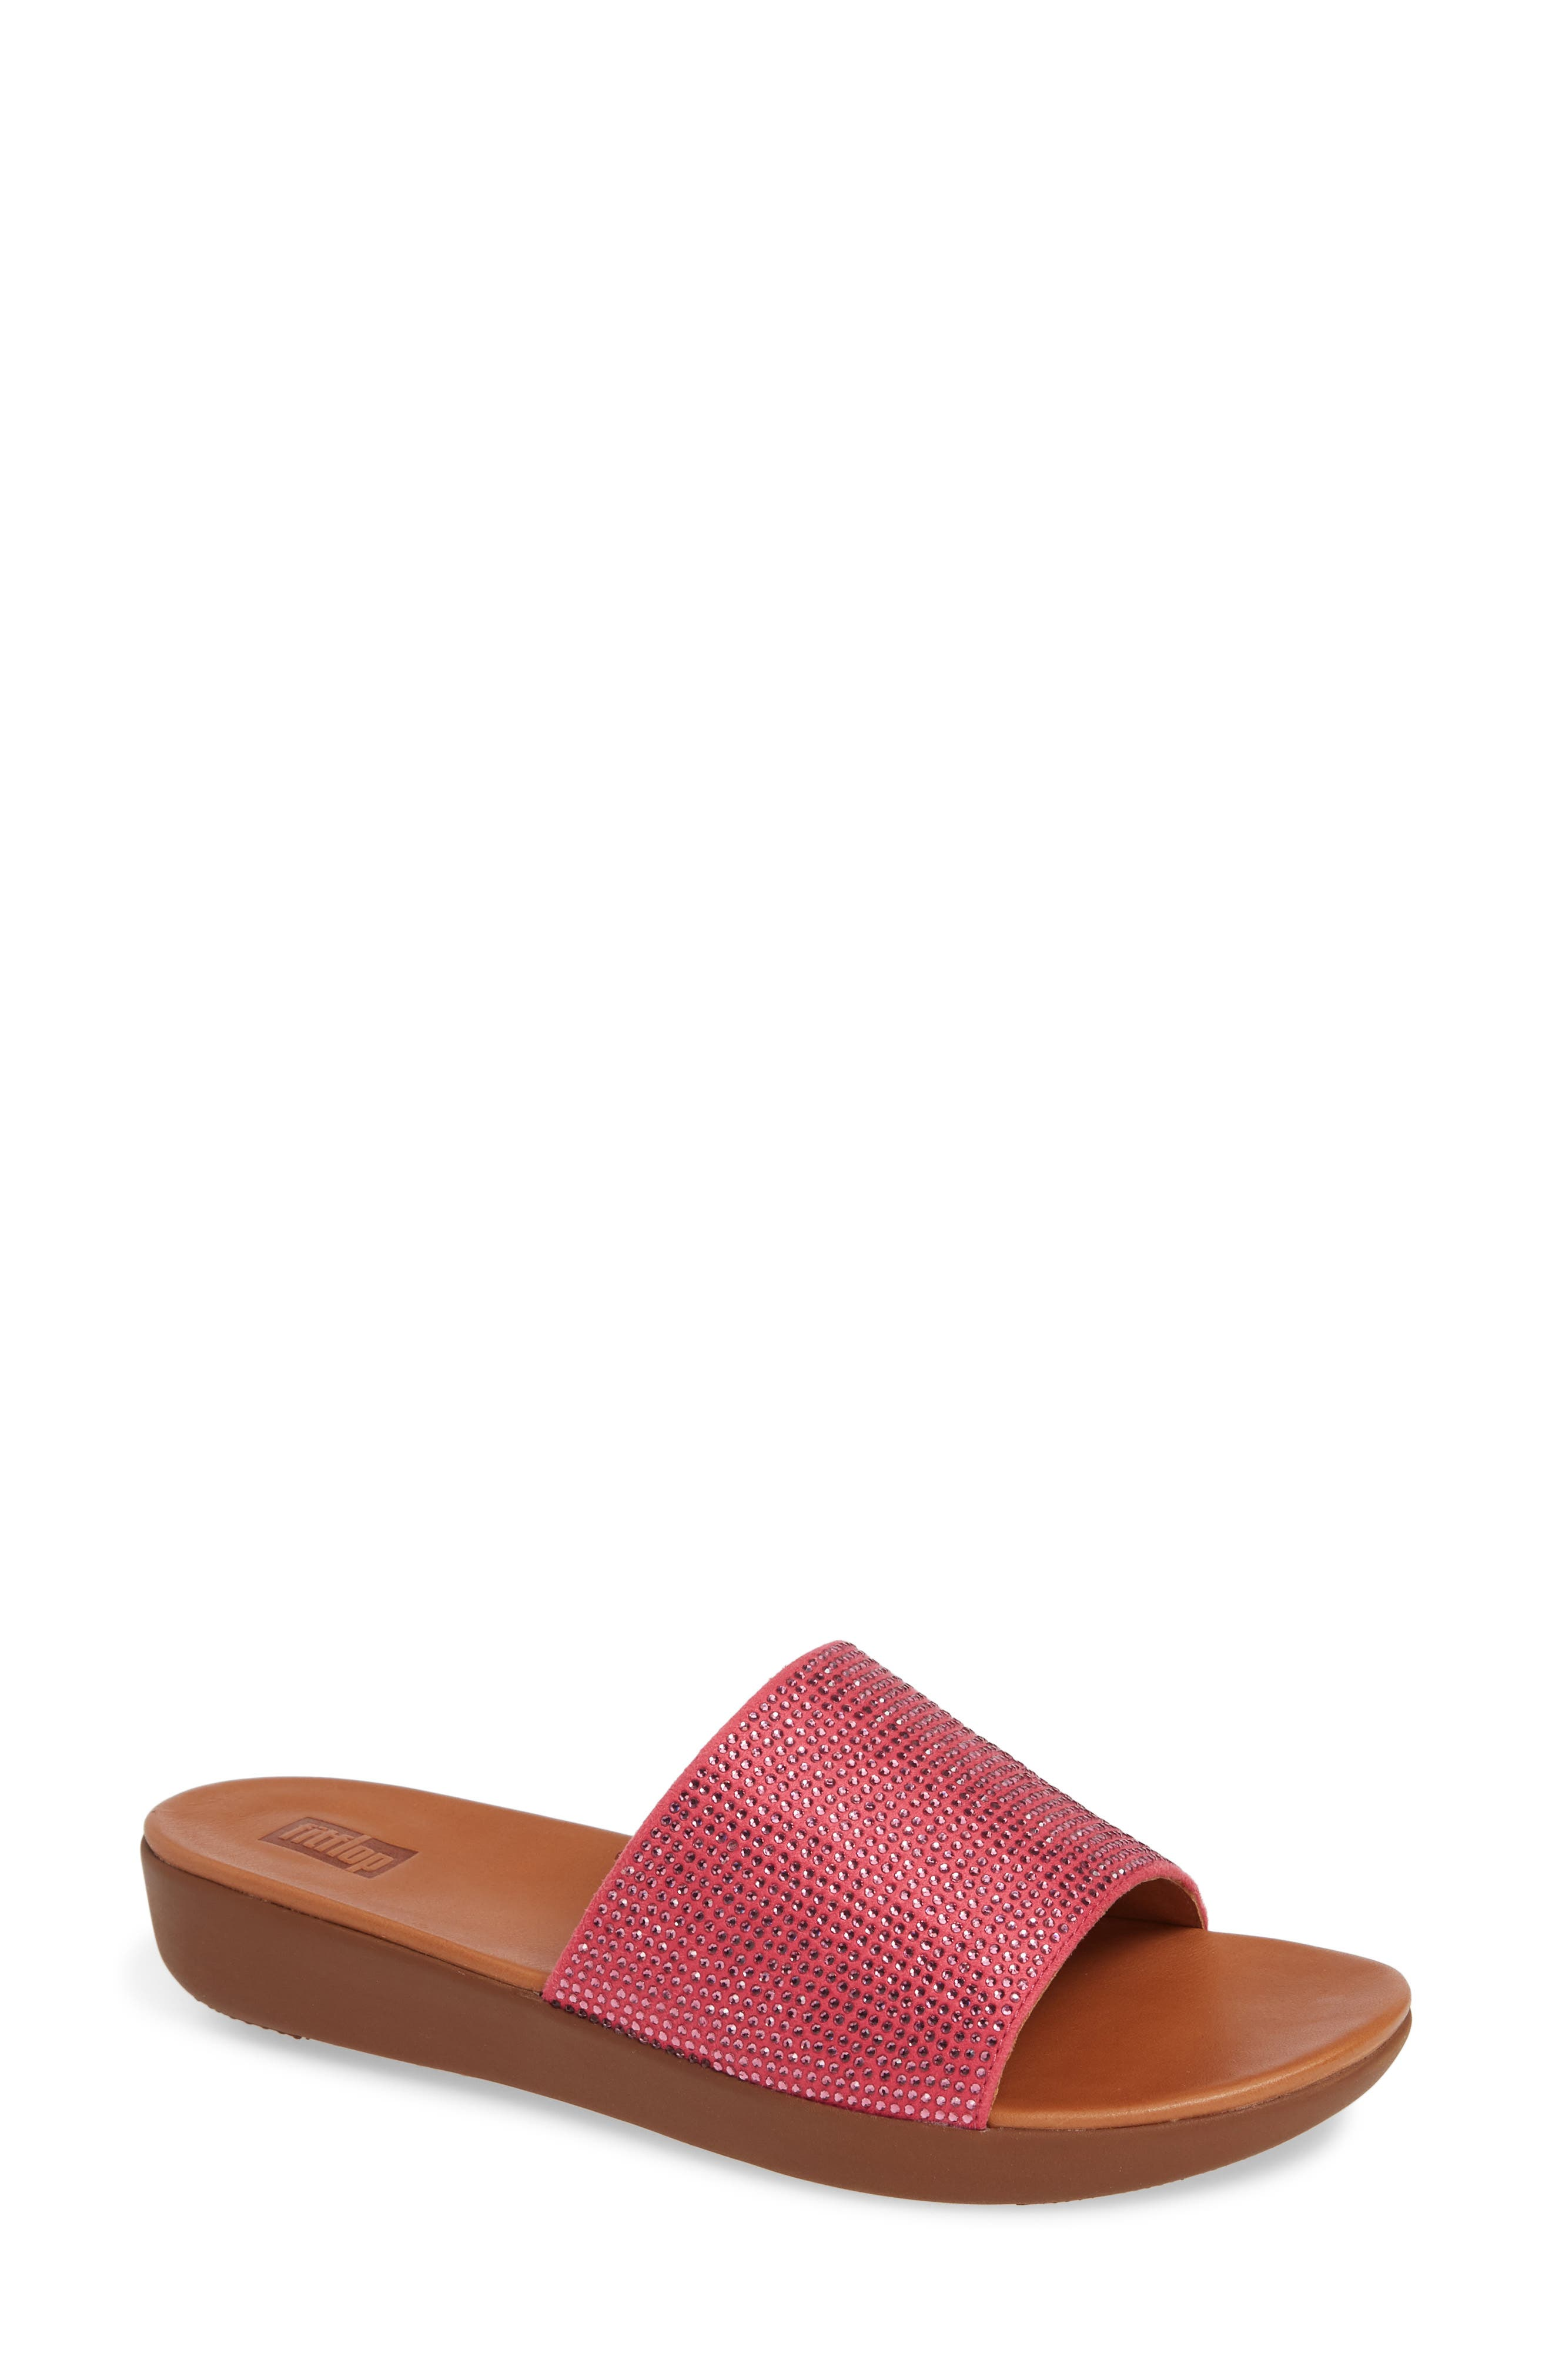 Fitflop Sola Crystalled Slide Sandal, Pink